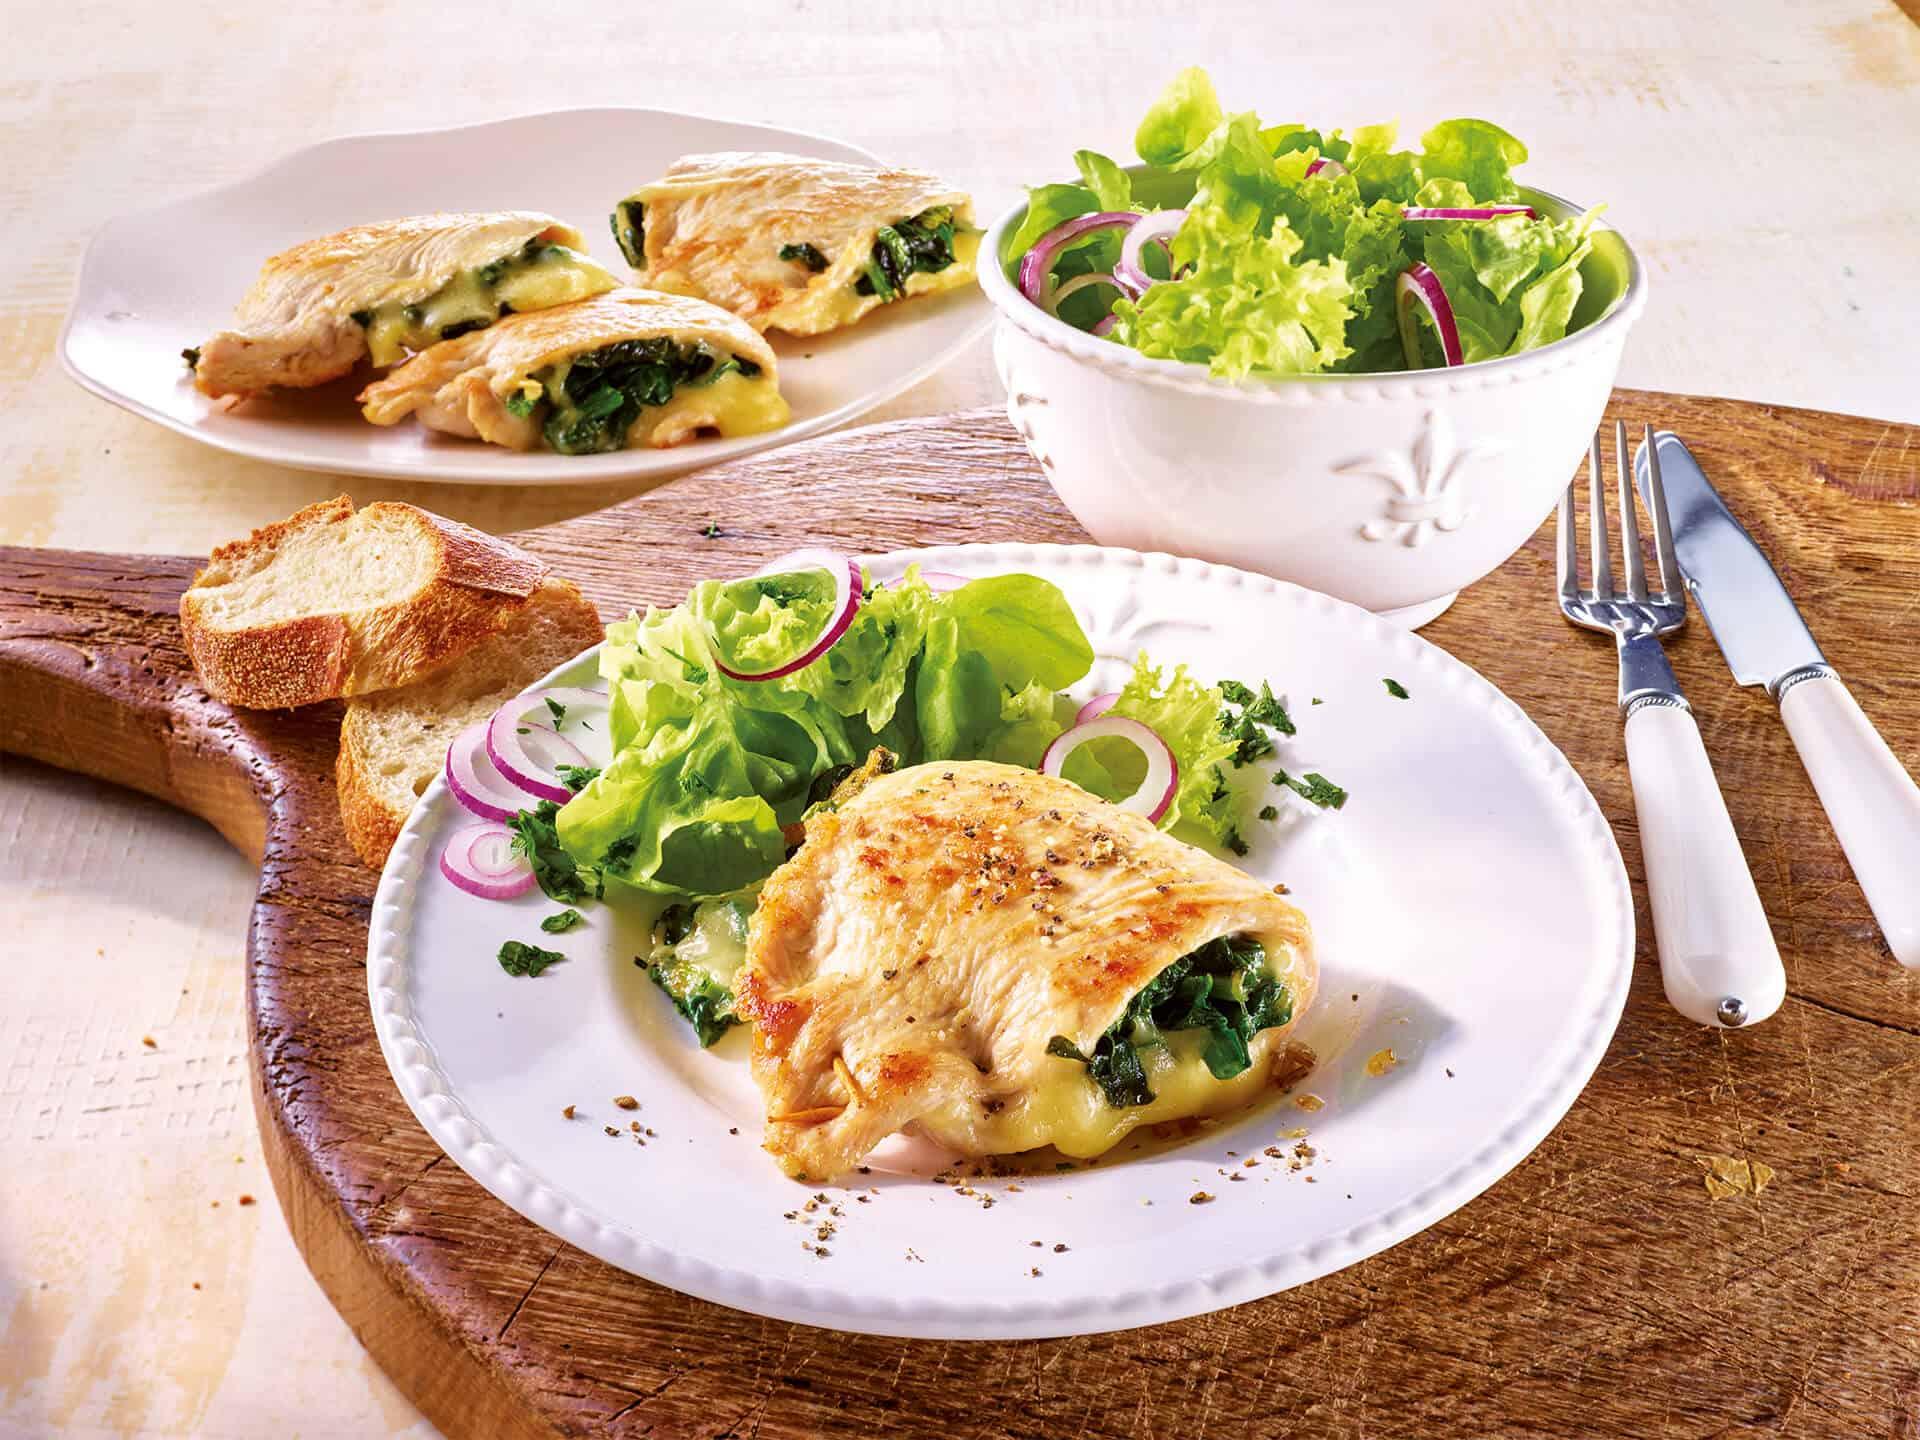 Gefüllte Schnitzel mit Blattspinat und Käse